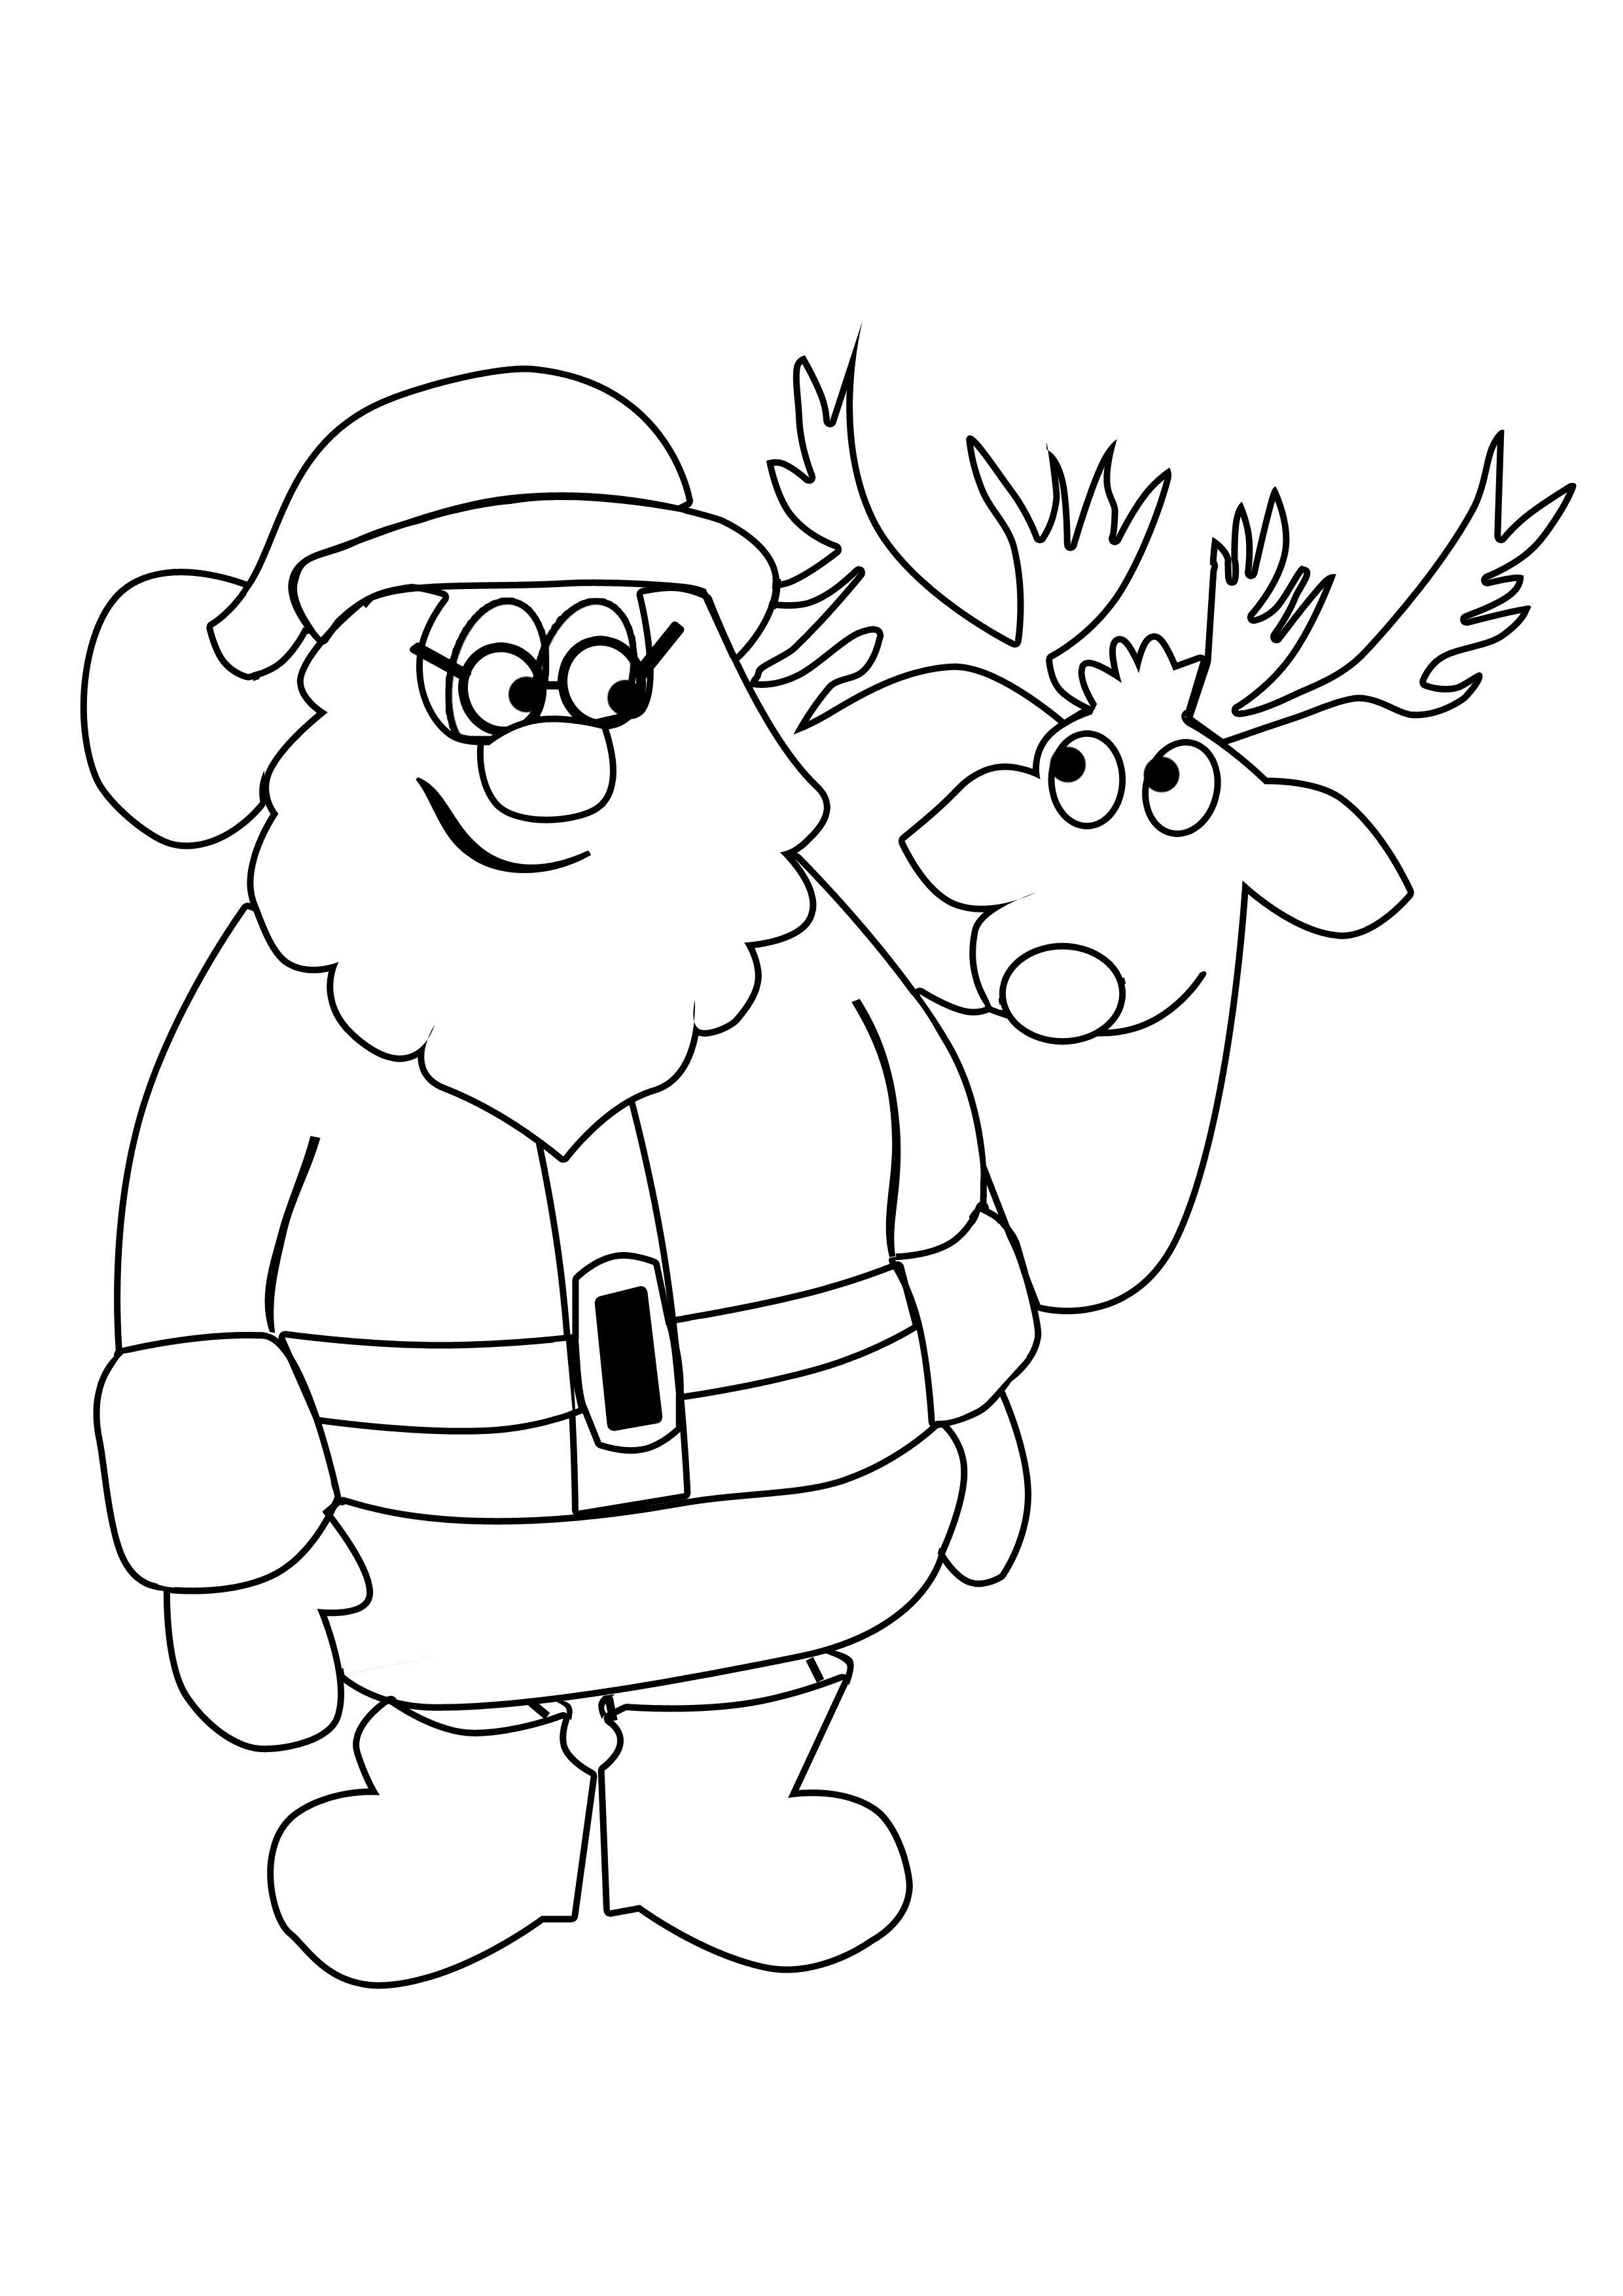 Ausmalbilder Weihnachtsmann Neu Ausmalbilder Weihnachtsbaum Ausmalbilder Weihnachtsmann Mit Bilder